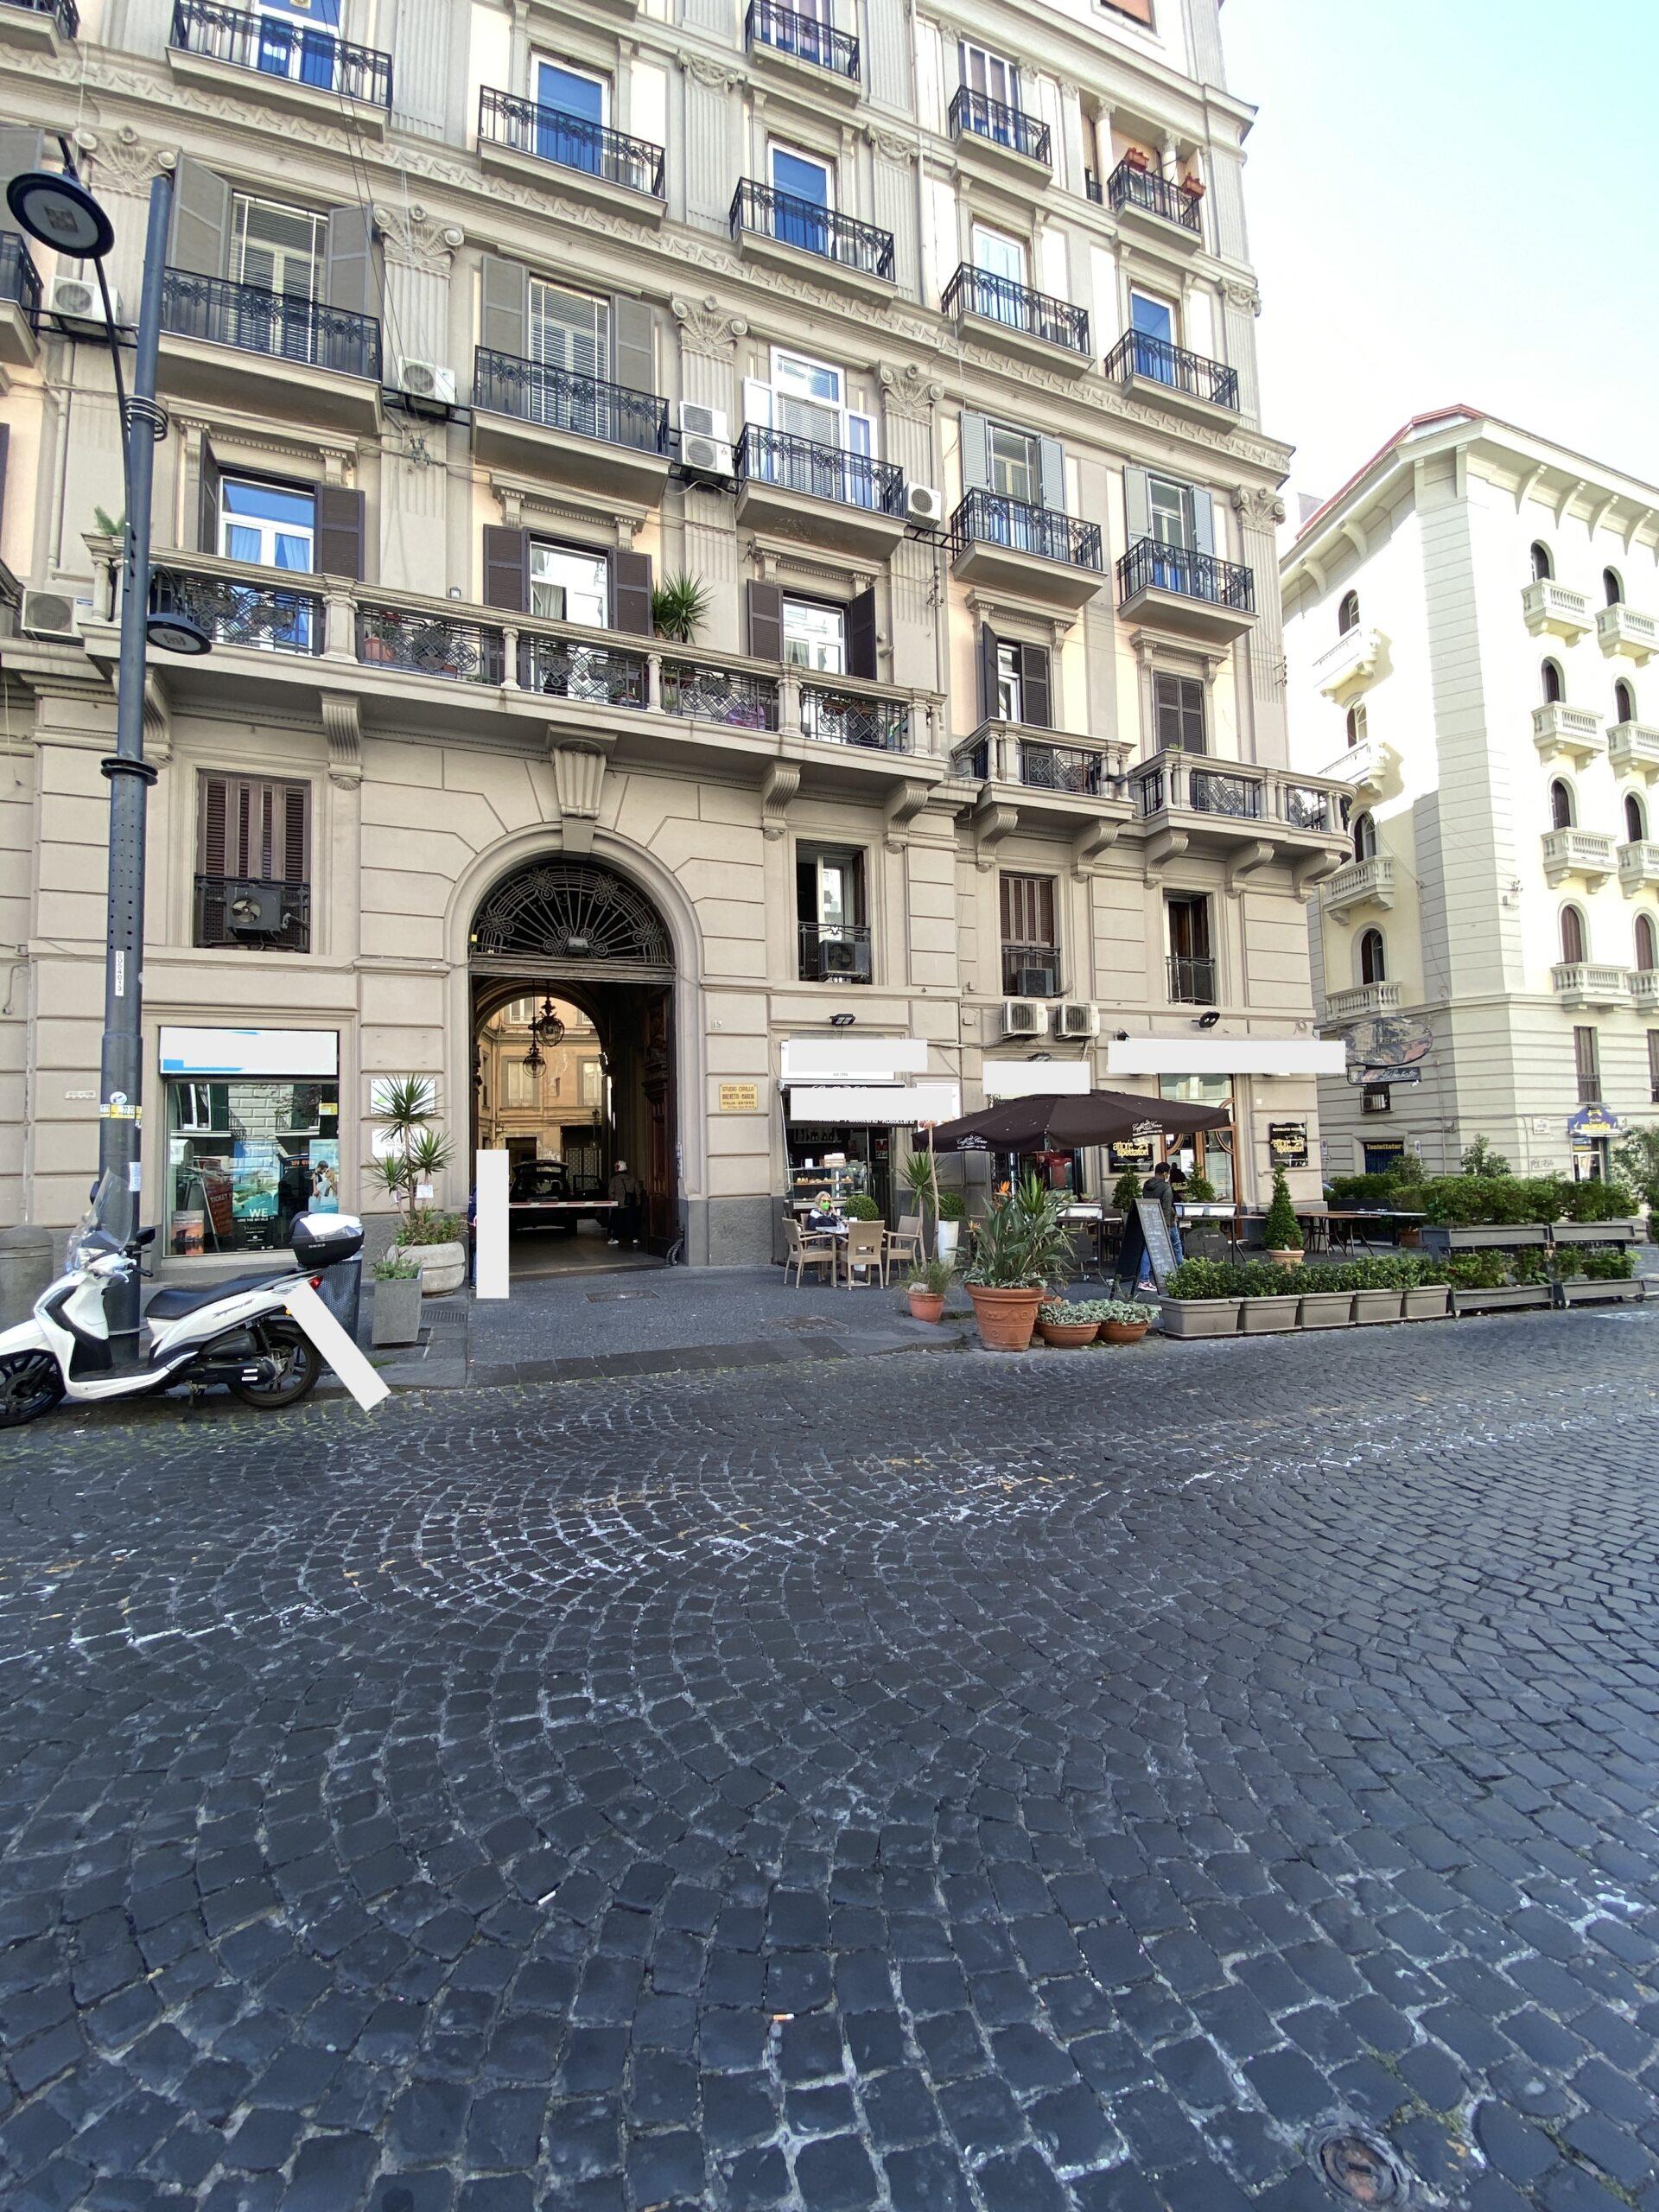 Napoli chiaia  via Santa Lucia